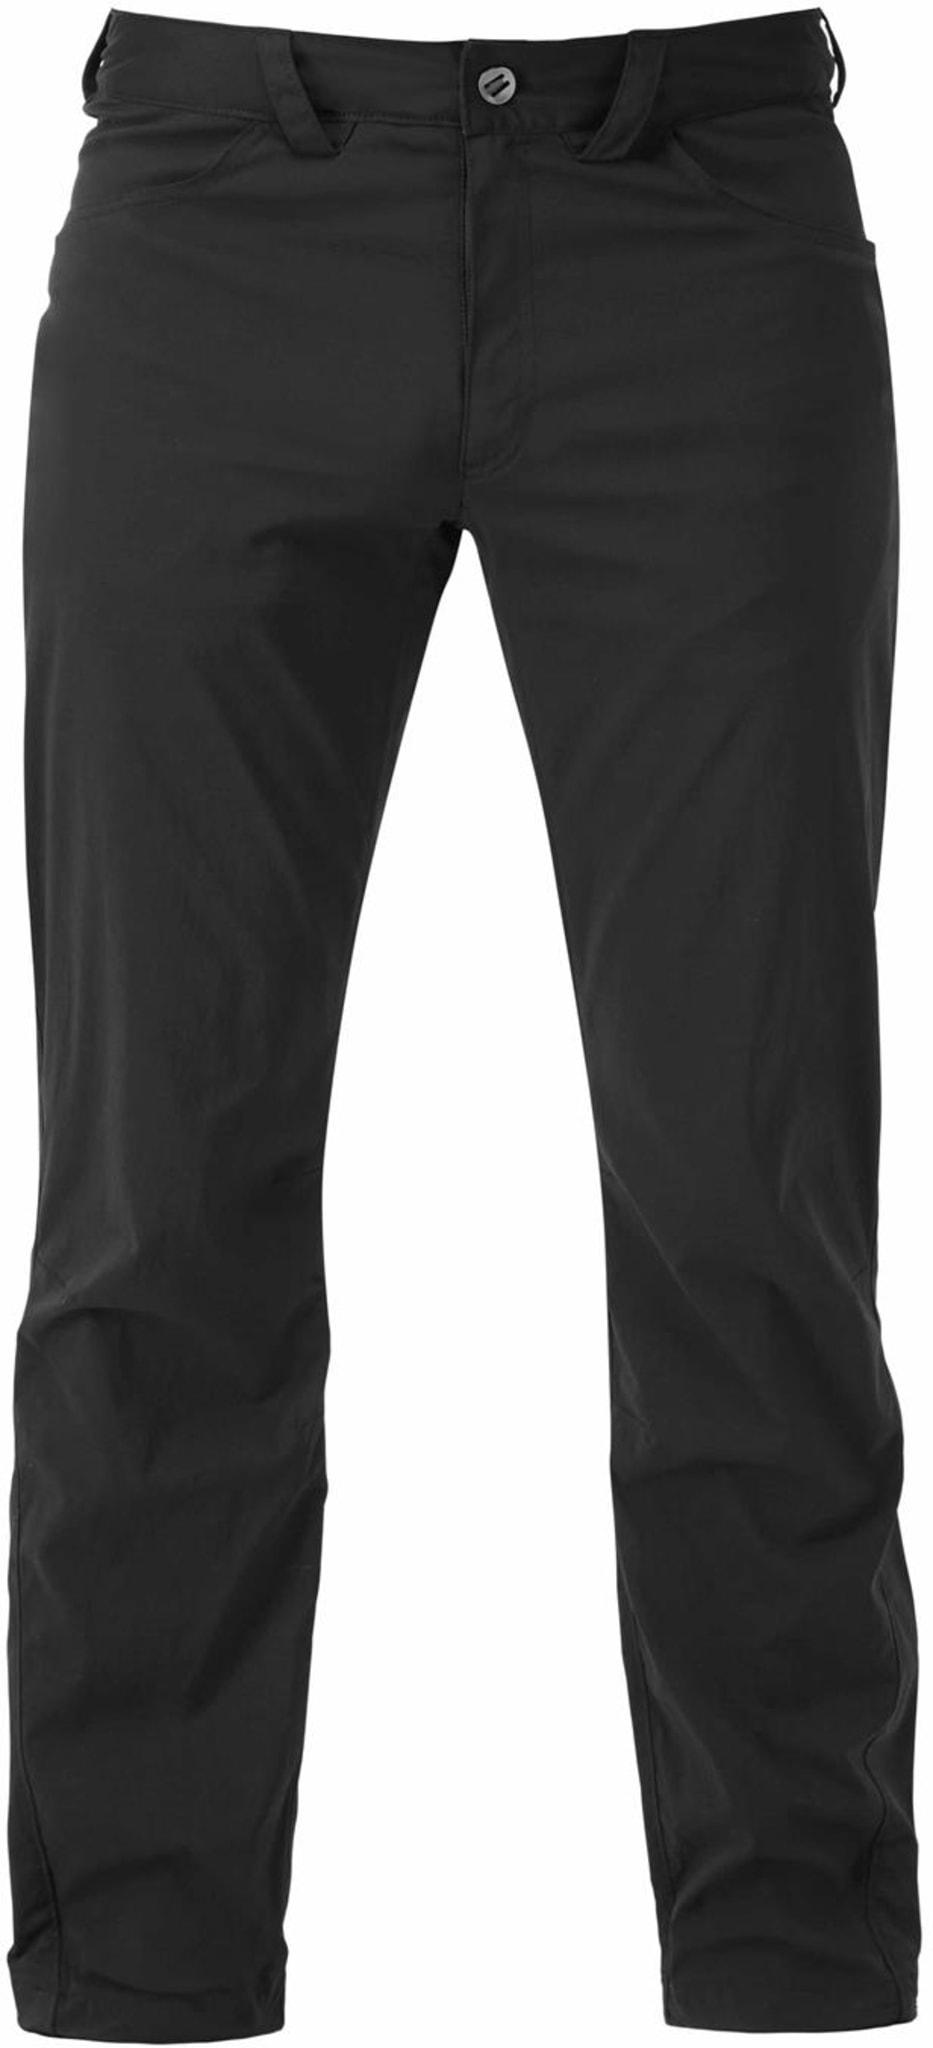 Bukse dedikert til klatring